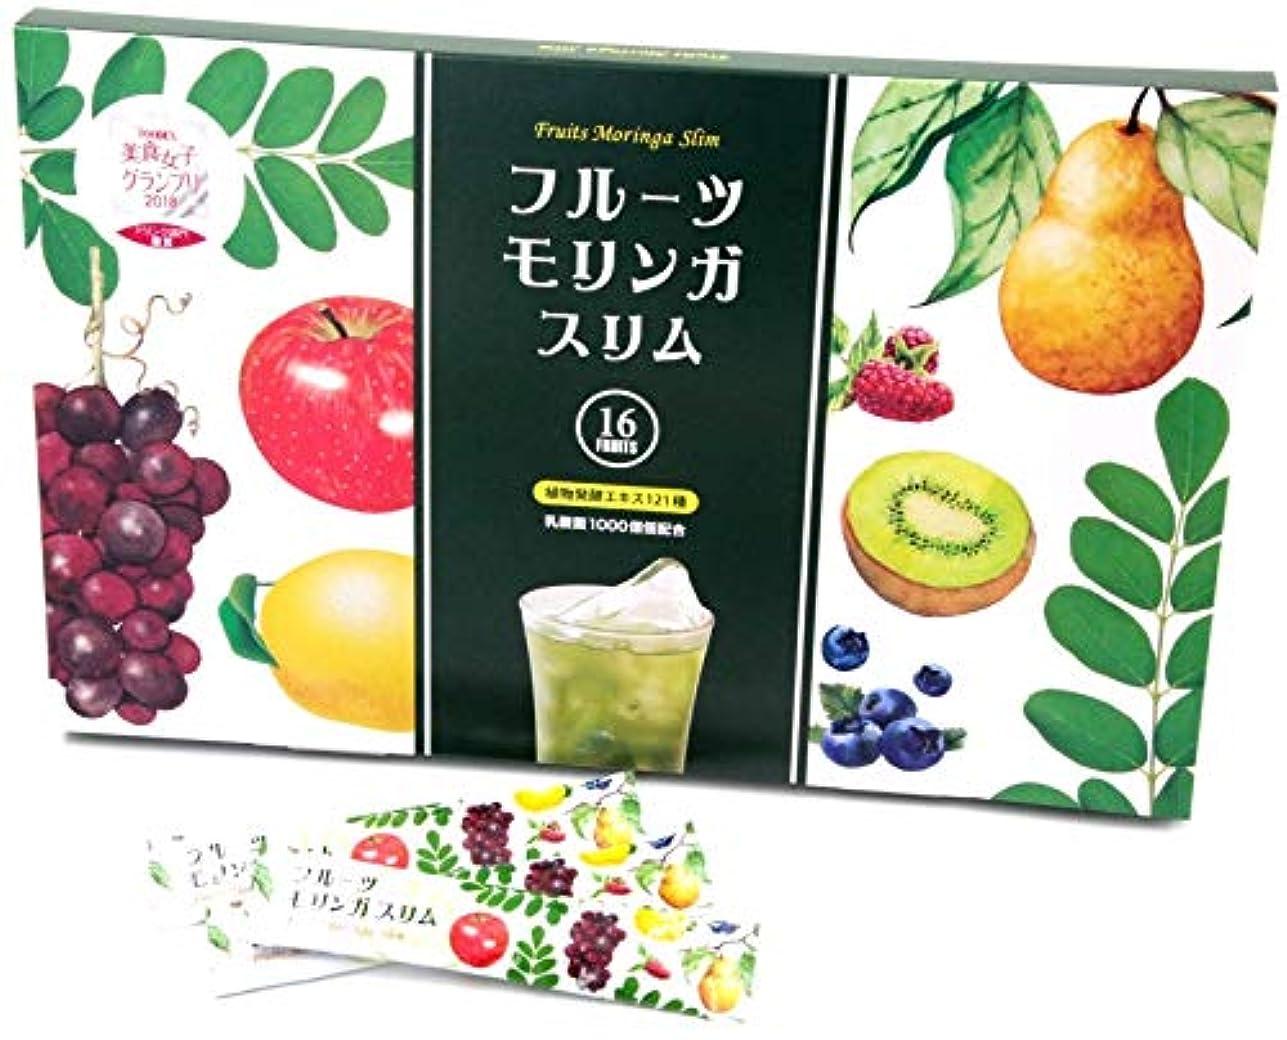 セント取り囲むクリエイティブフルーツ モリンガ 美容 健康 栄養 食習慣 ボディメイク 国産品 (1箱/3g×30包+シェーカー)